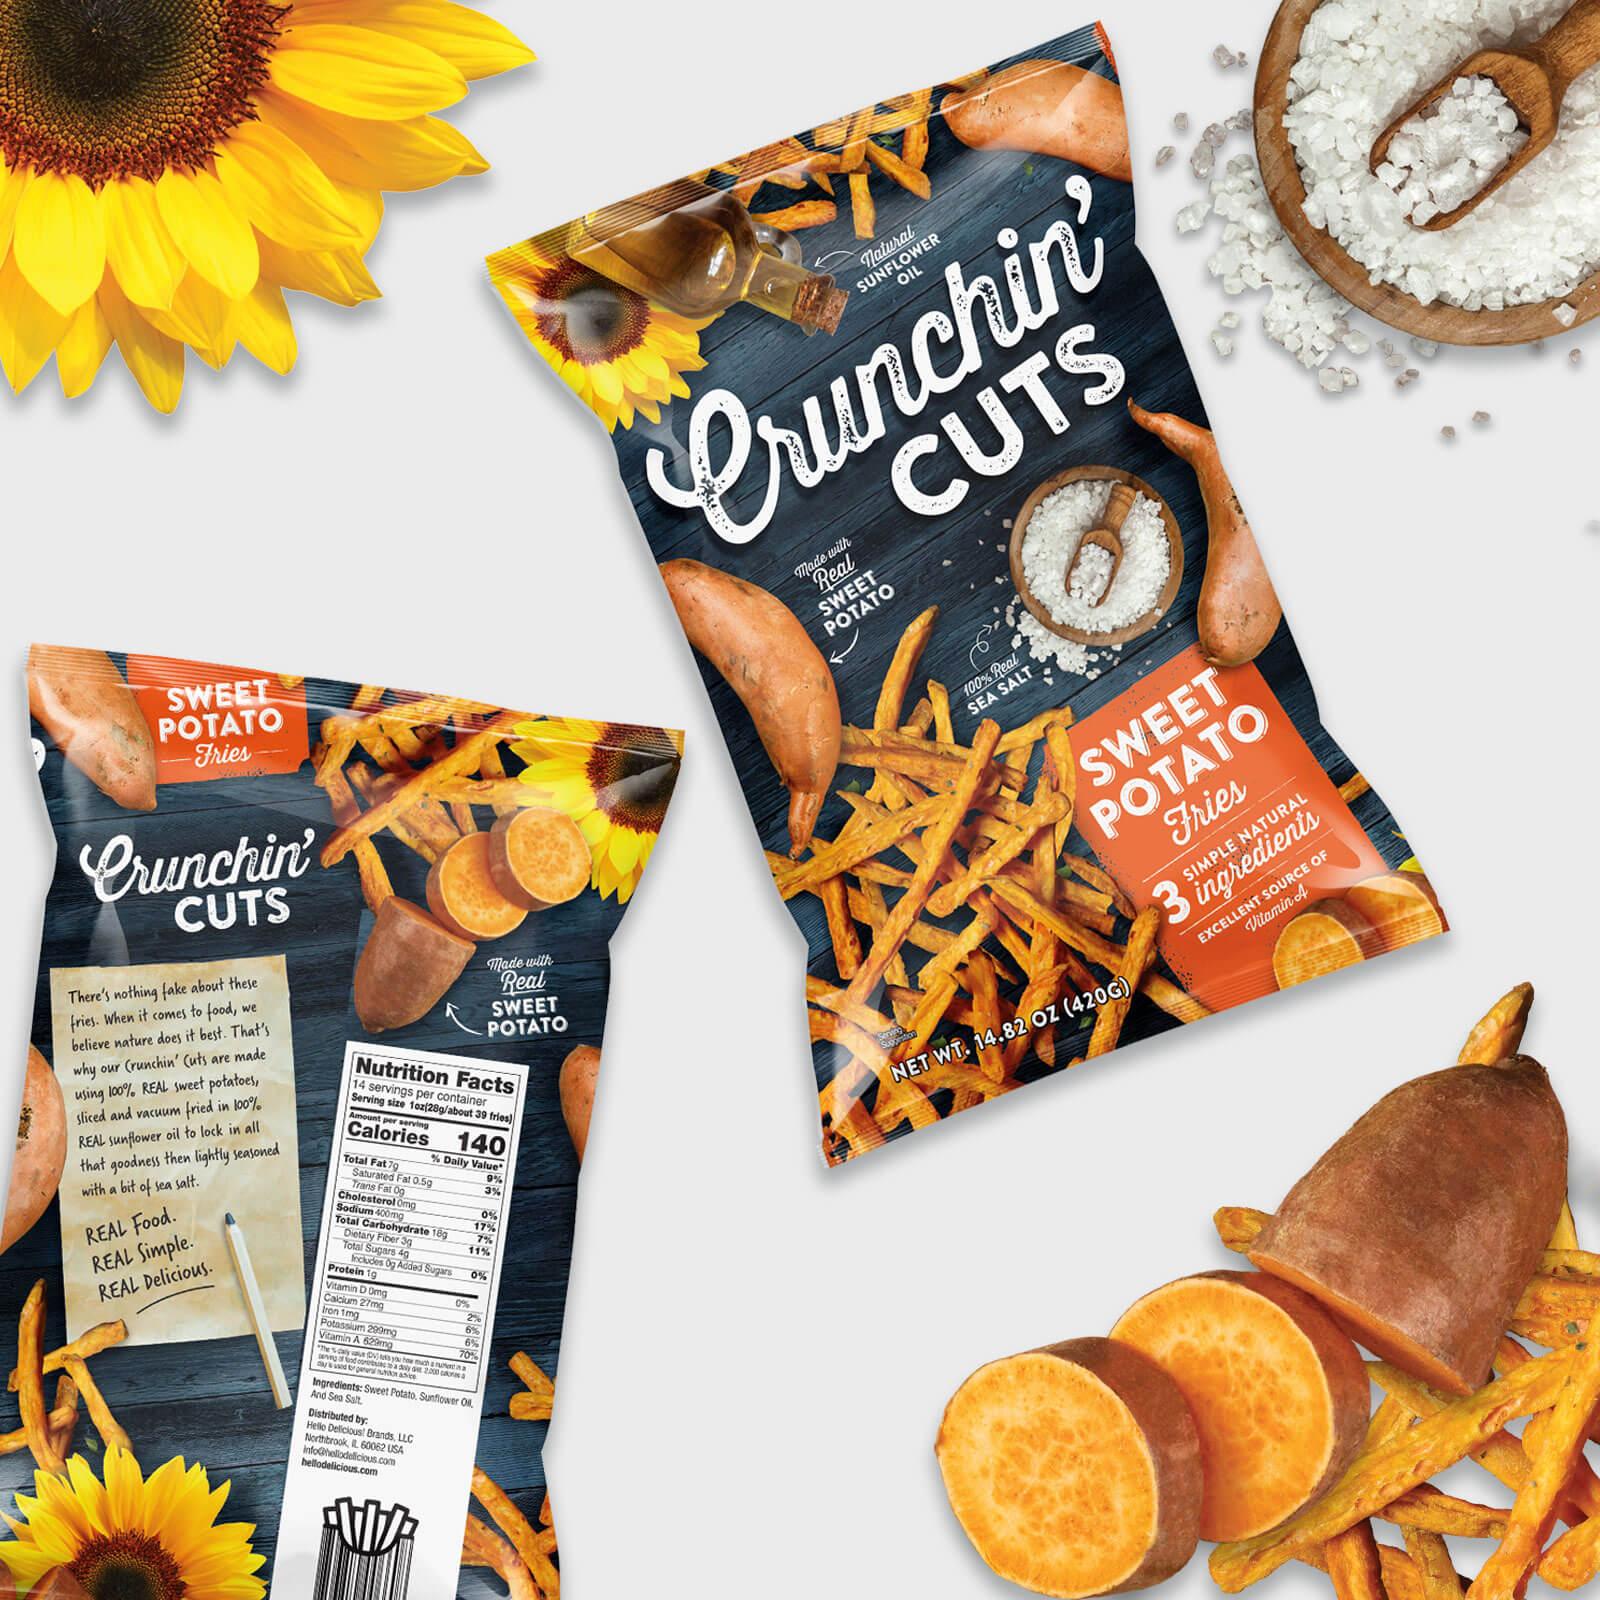 Crunchin Cuts - Sweet Potato Food Packaging